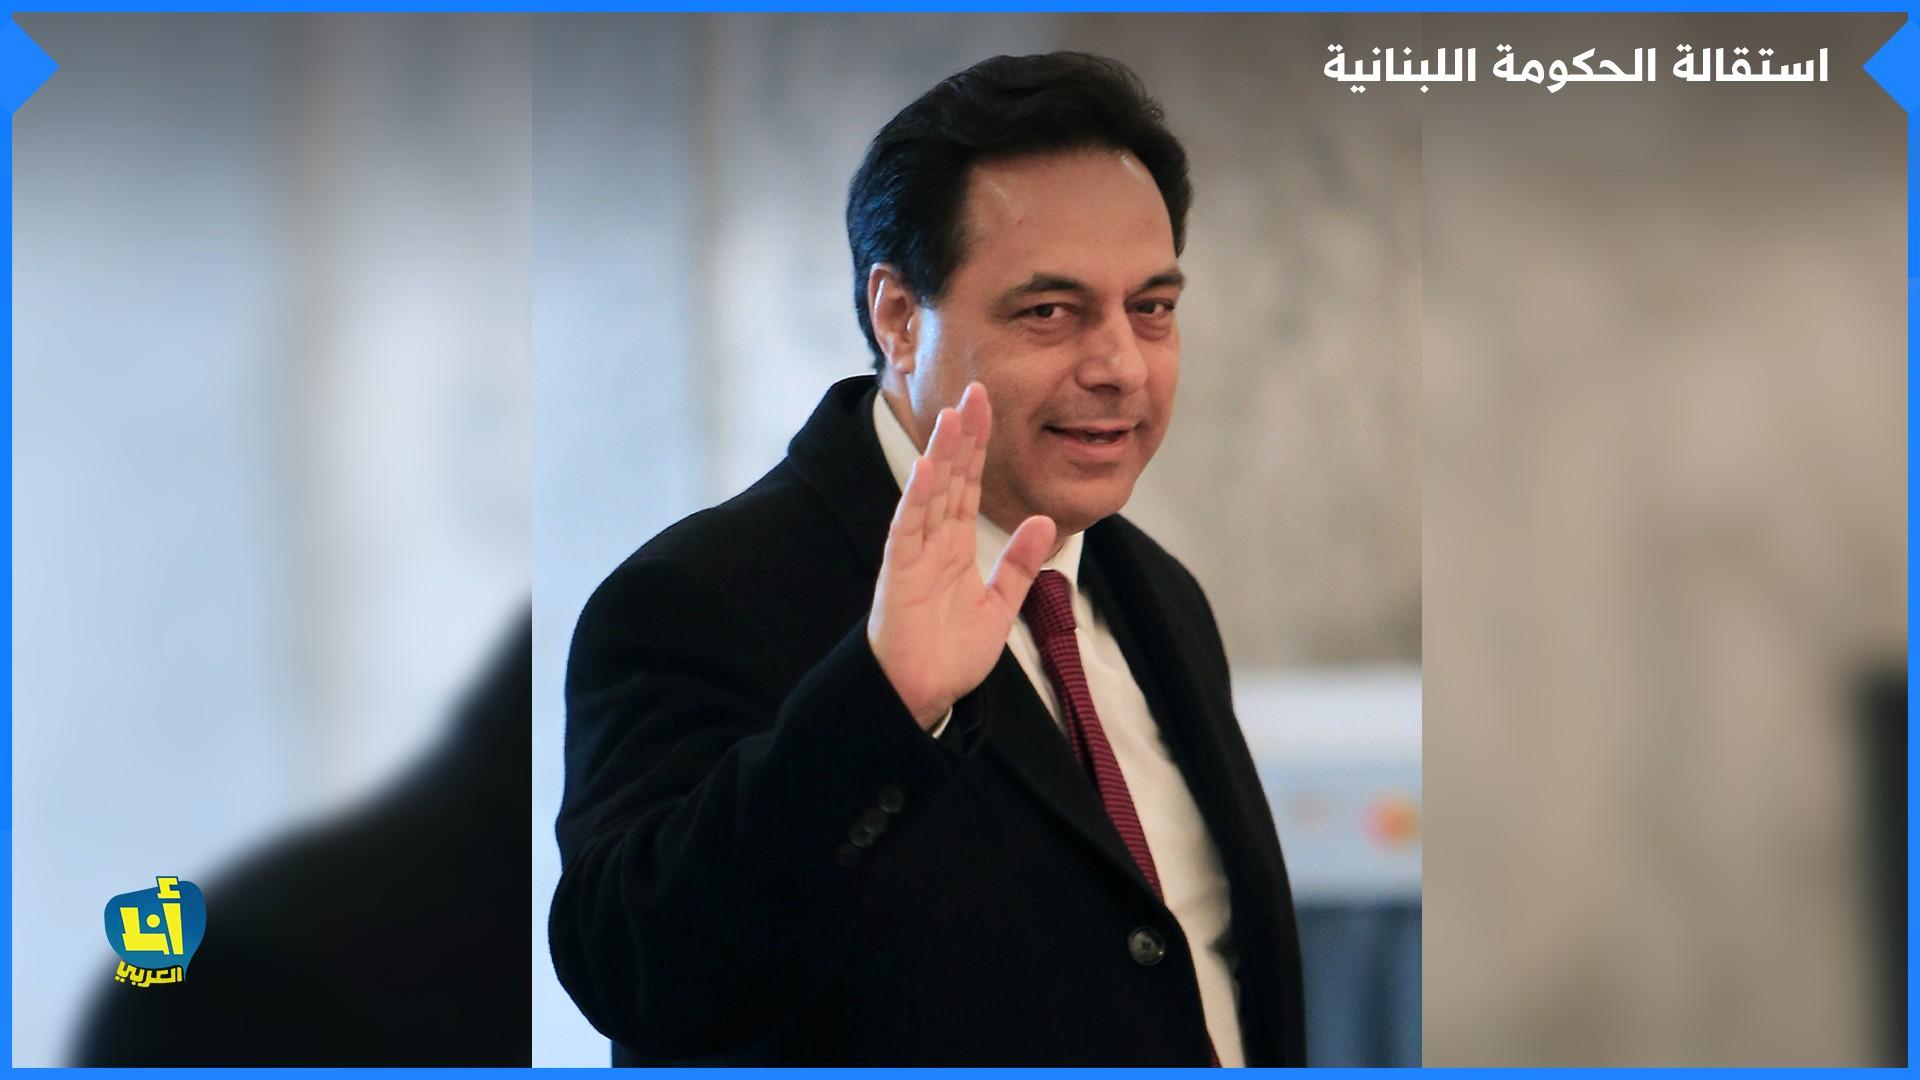 استقالة حكومة اللبنانية